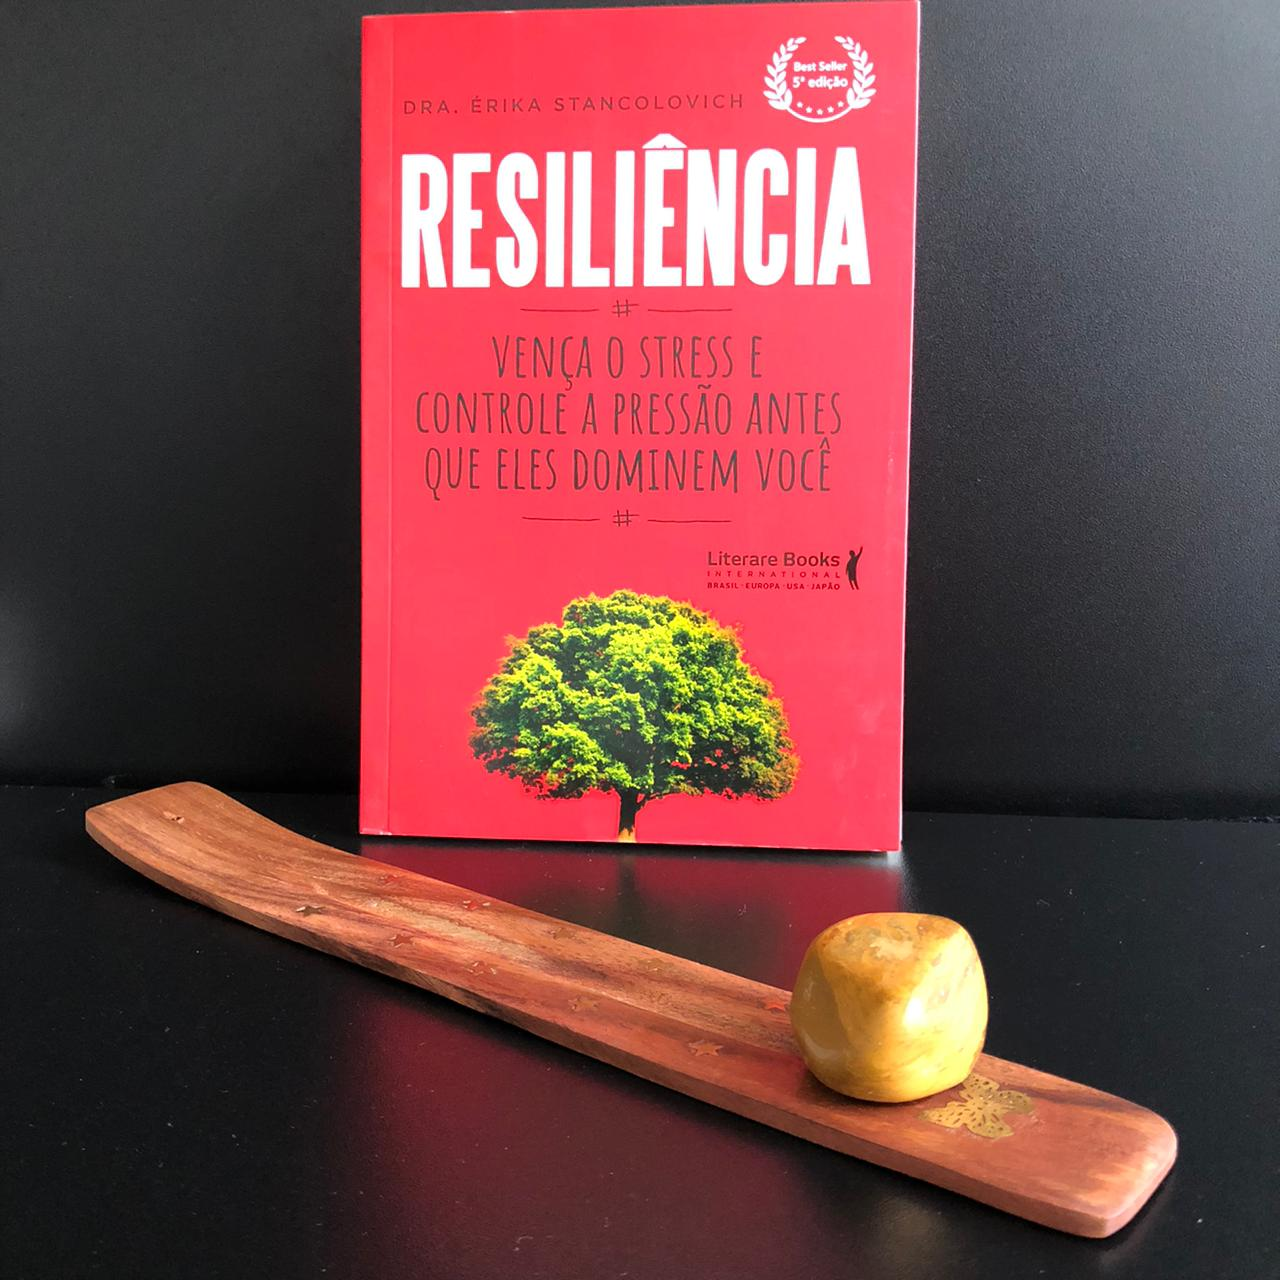 Resiliência - Vença o Stress e Controle A Pressão Antes Que Eles Dominem Você  + 1 incensário com pedra Jasper Madeira